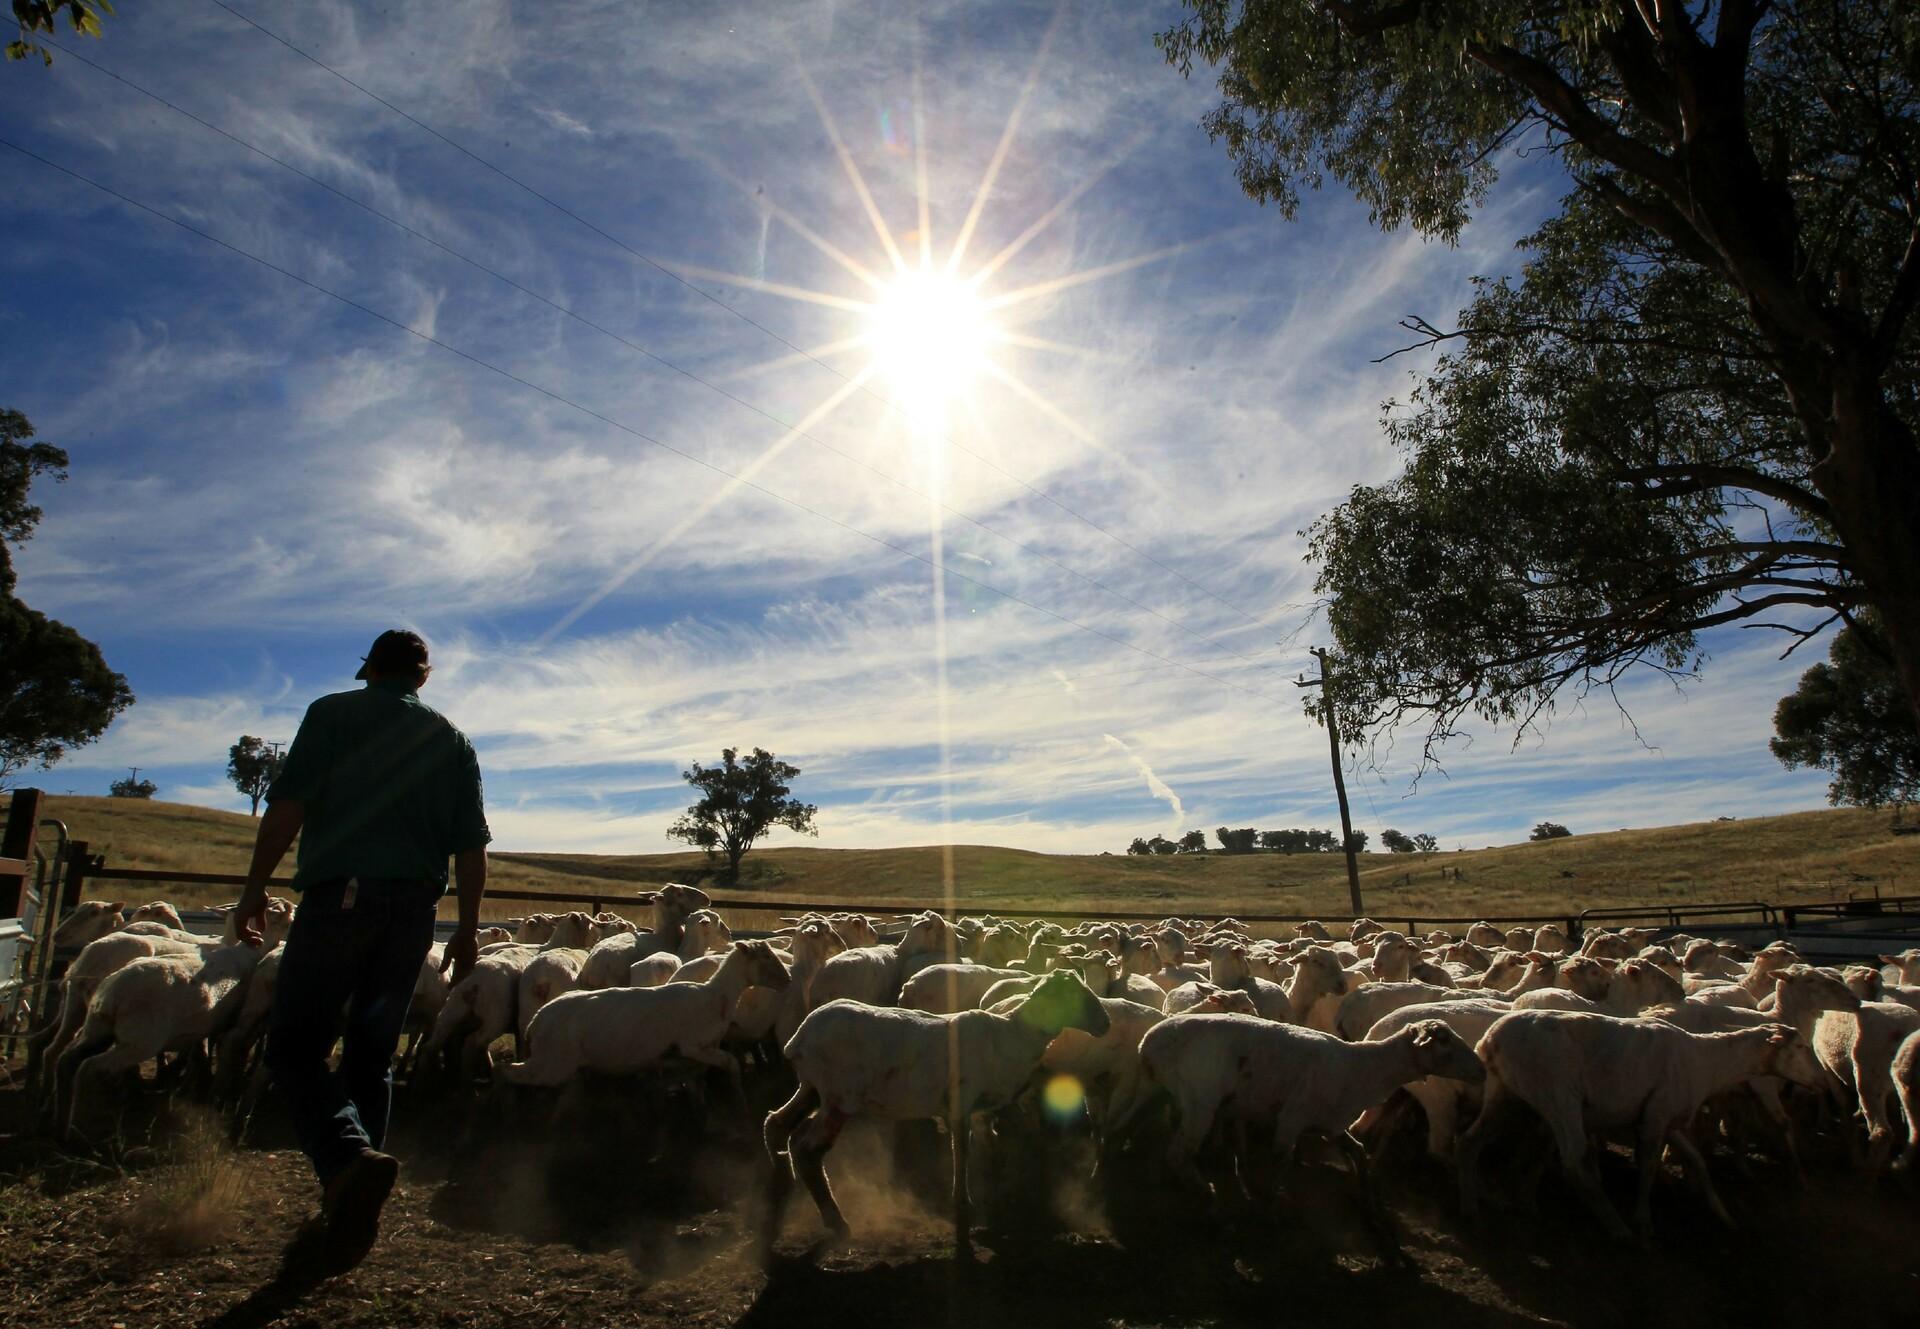 Schafherde in Australien